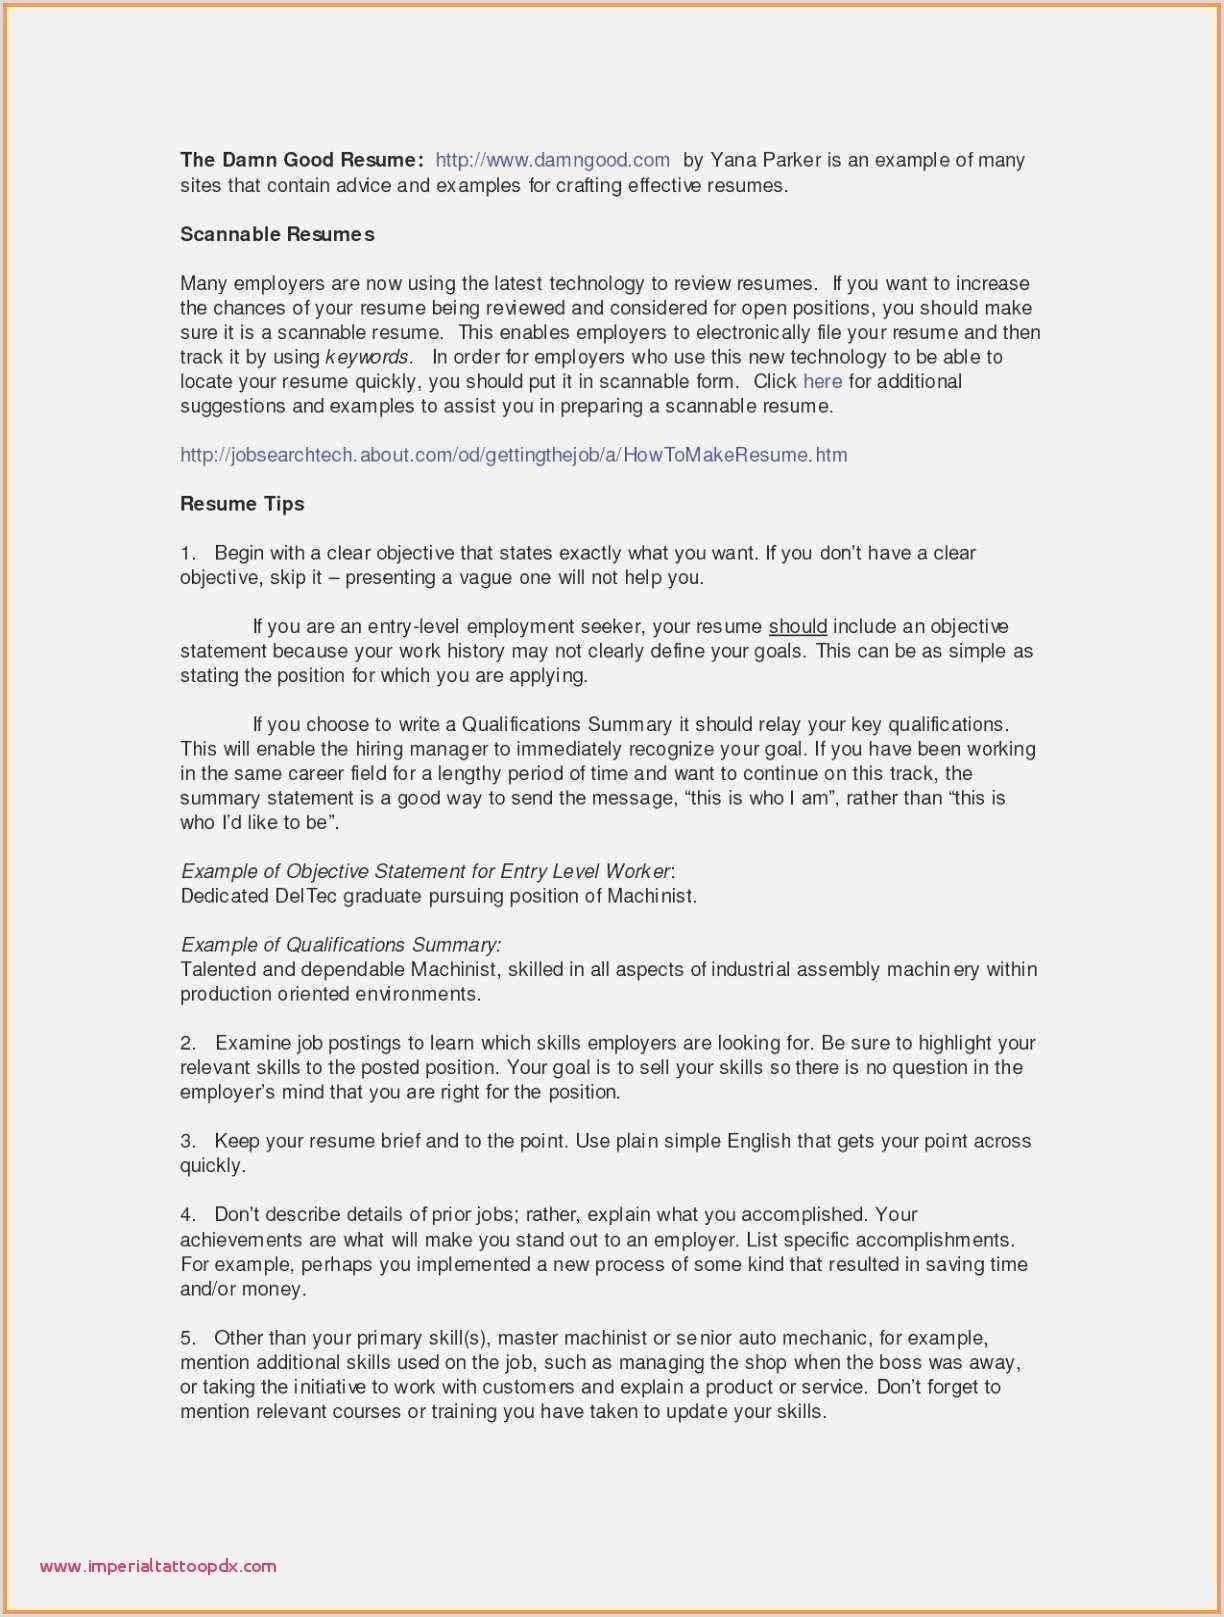 sample resume objective statements Sofasdocsurvey